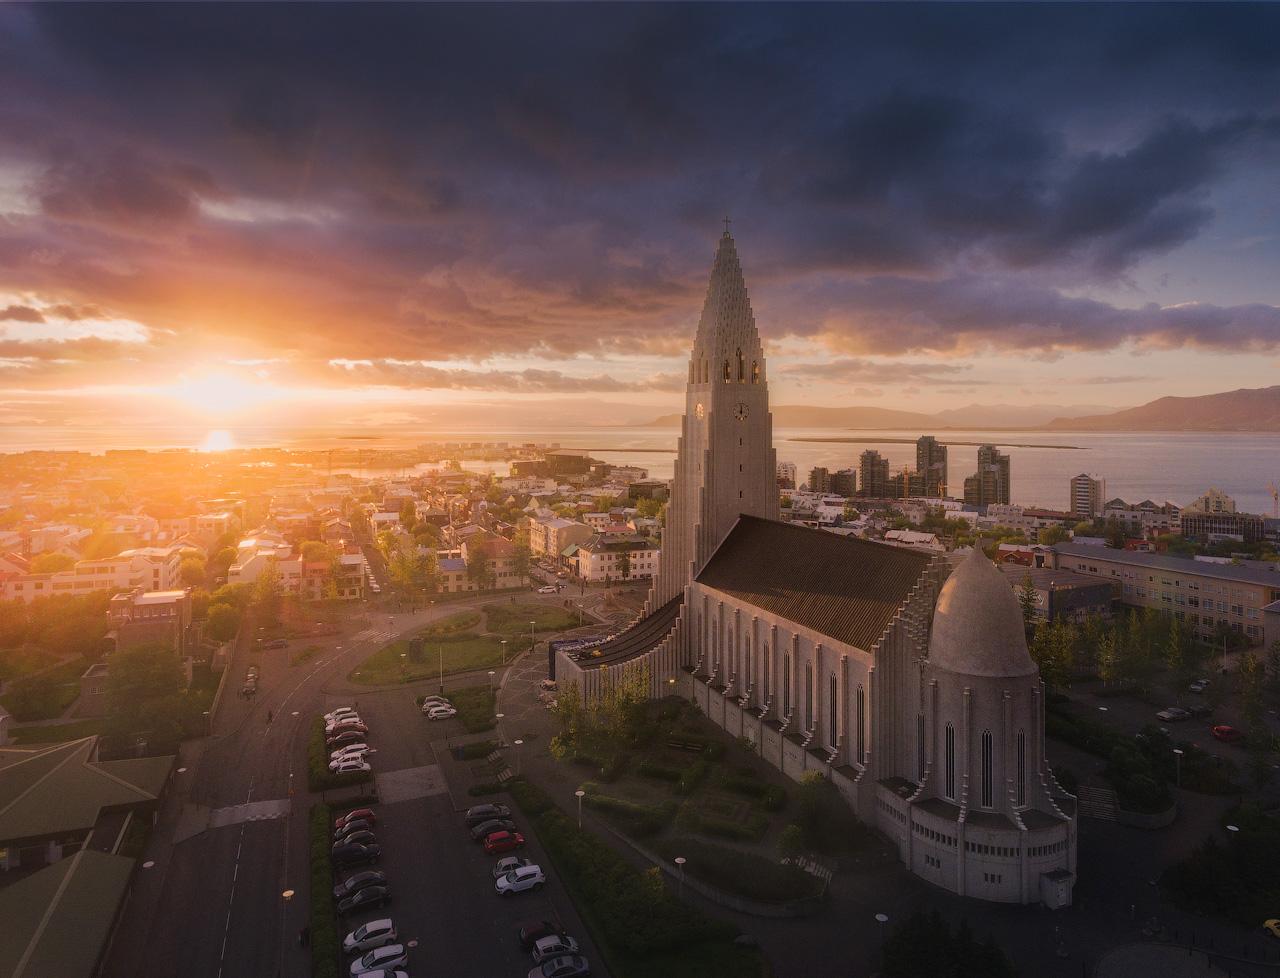 Вокруг Исландии по кольцевой за две недели: осенний мастер-класс для фотографов - day 1